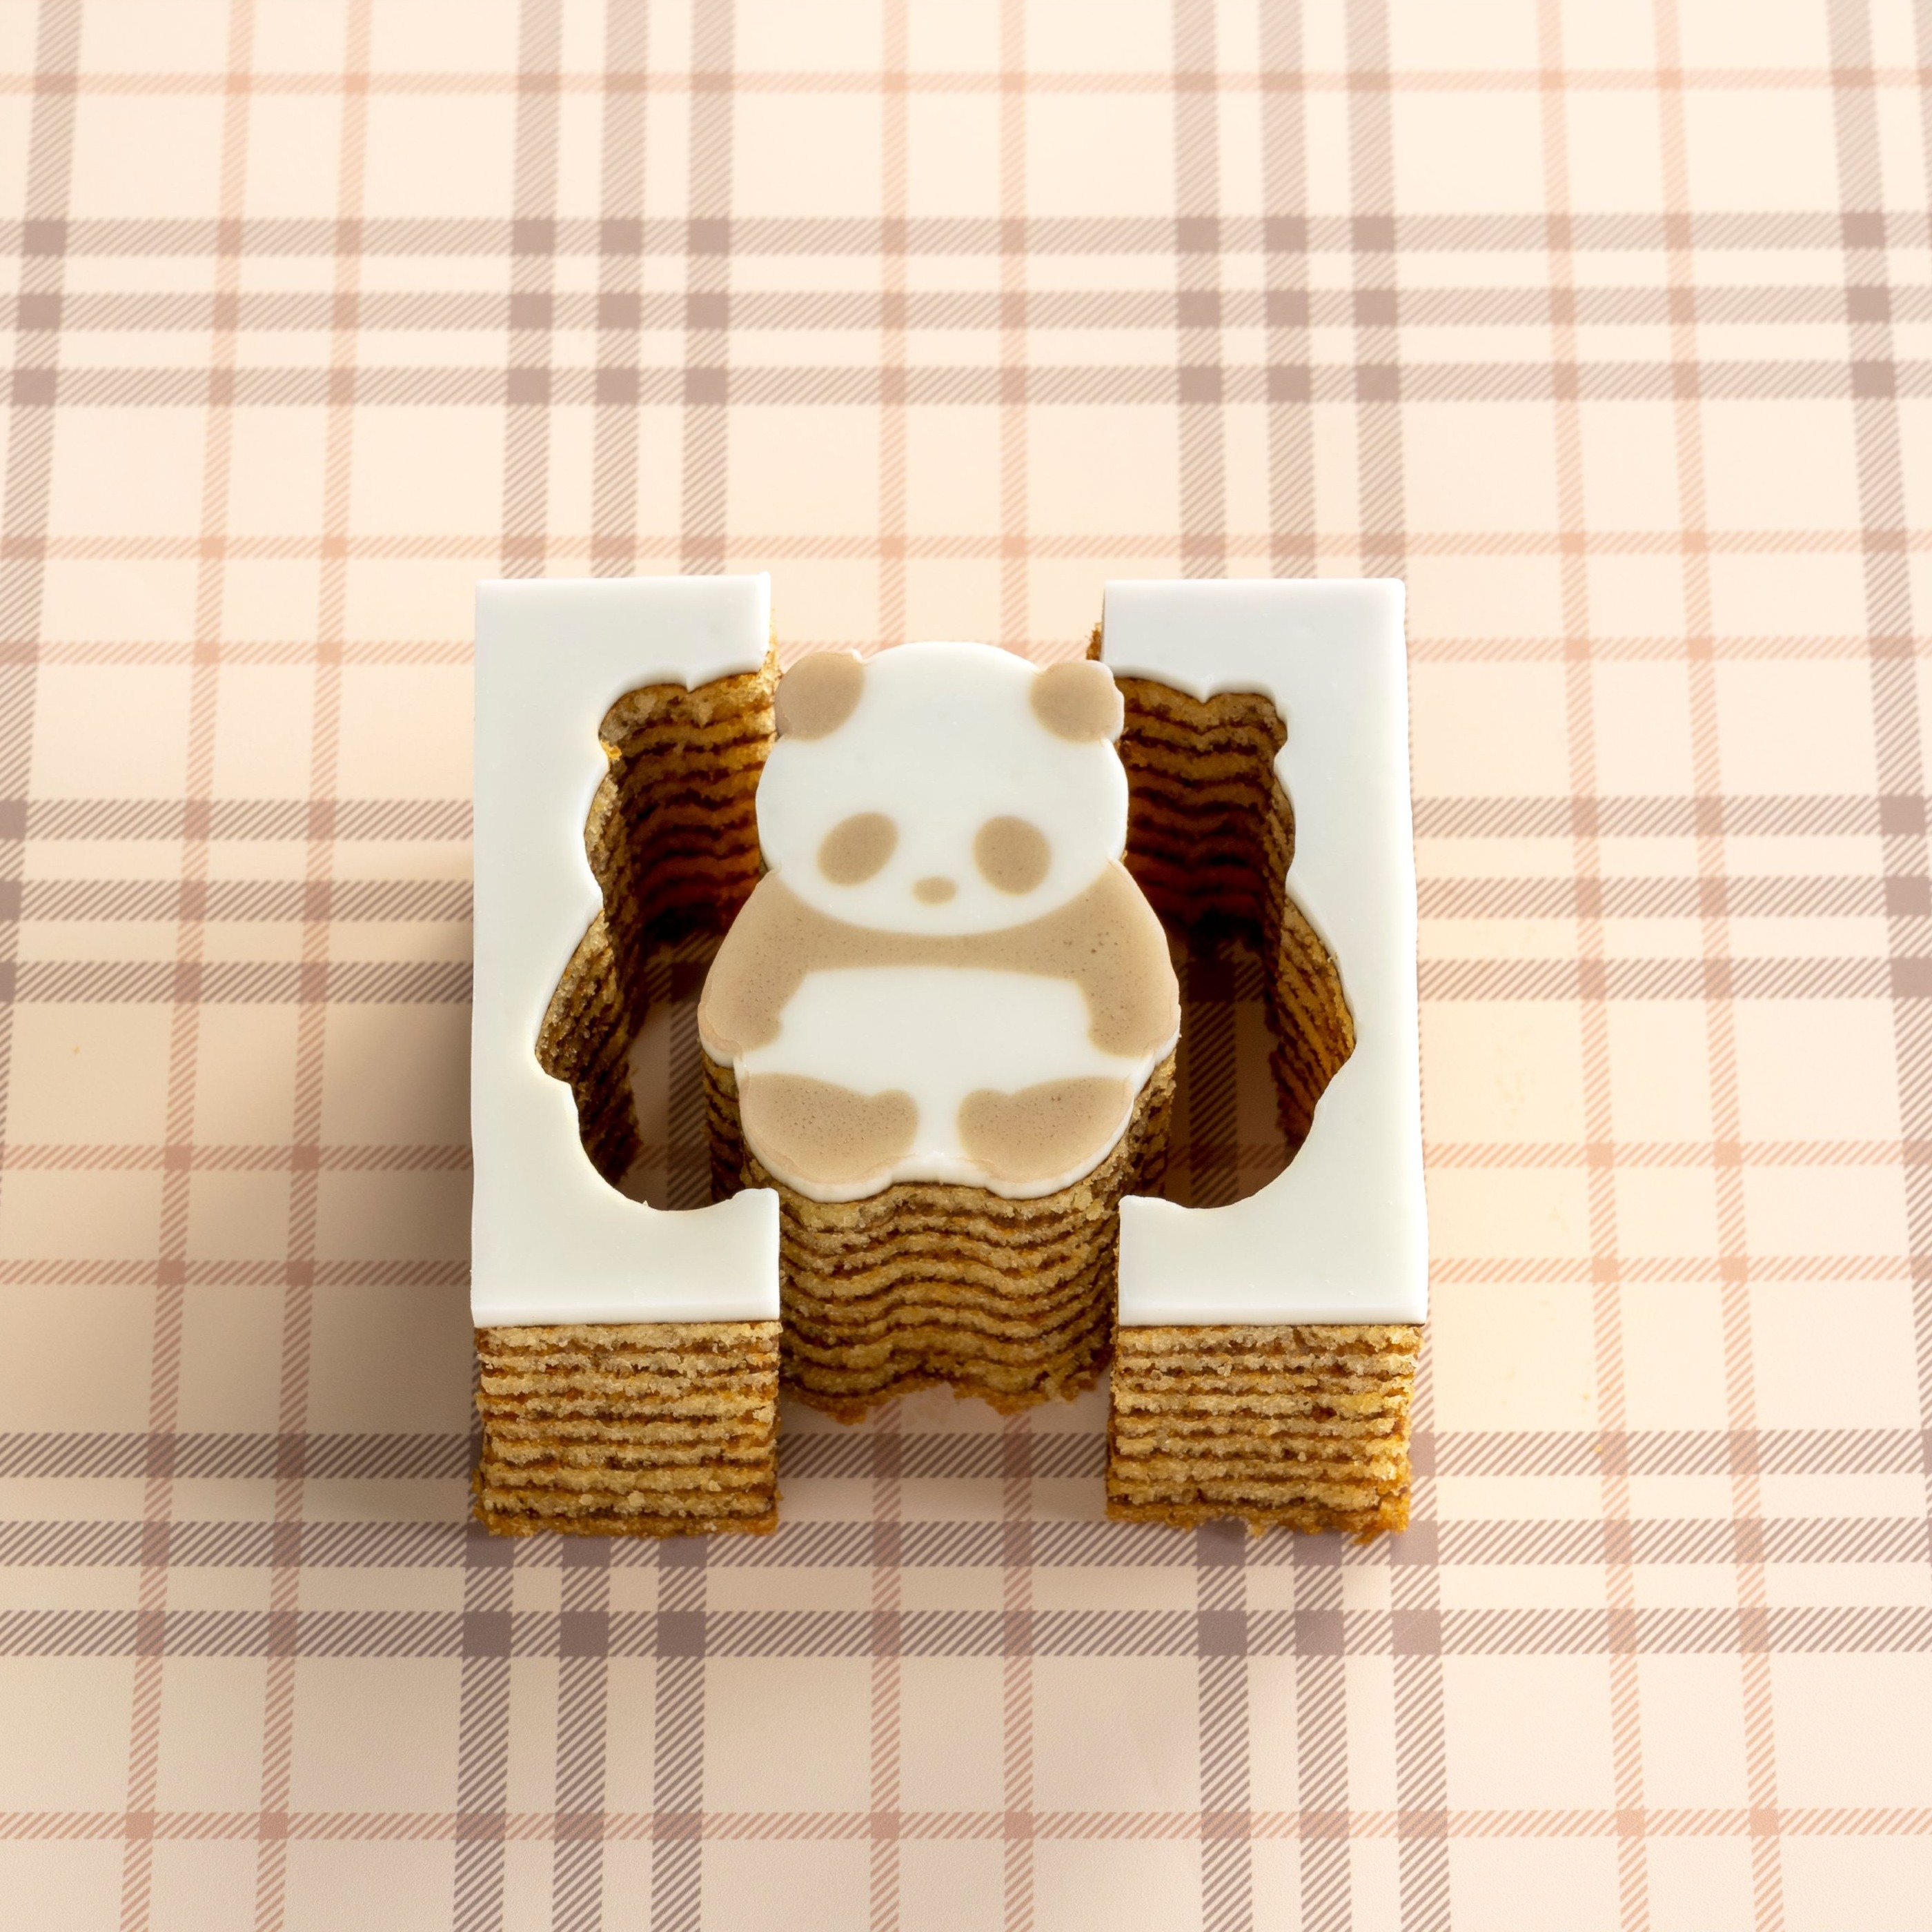 かわいくて楽しい型ぬきバウムの専門店『カタヌキヤ』